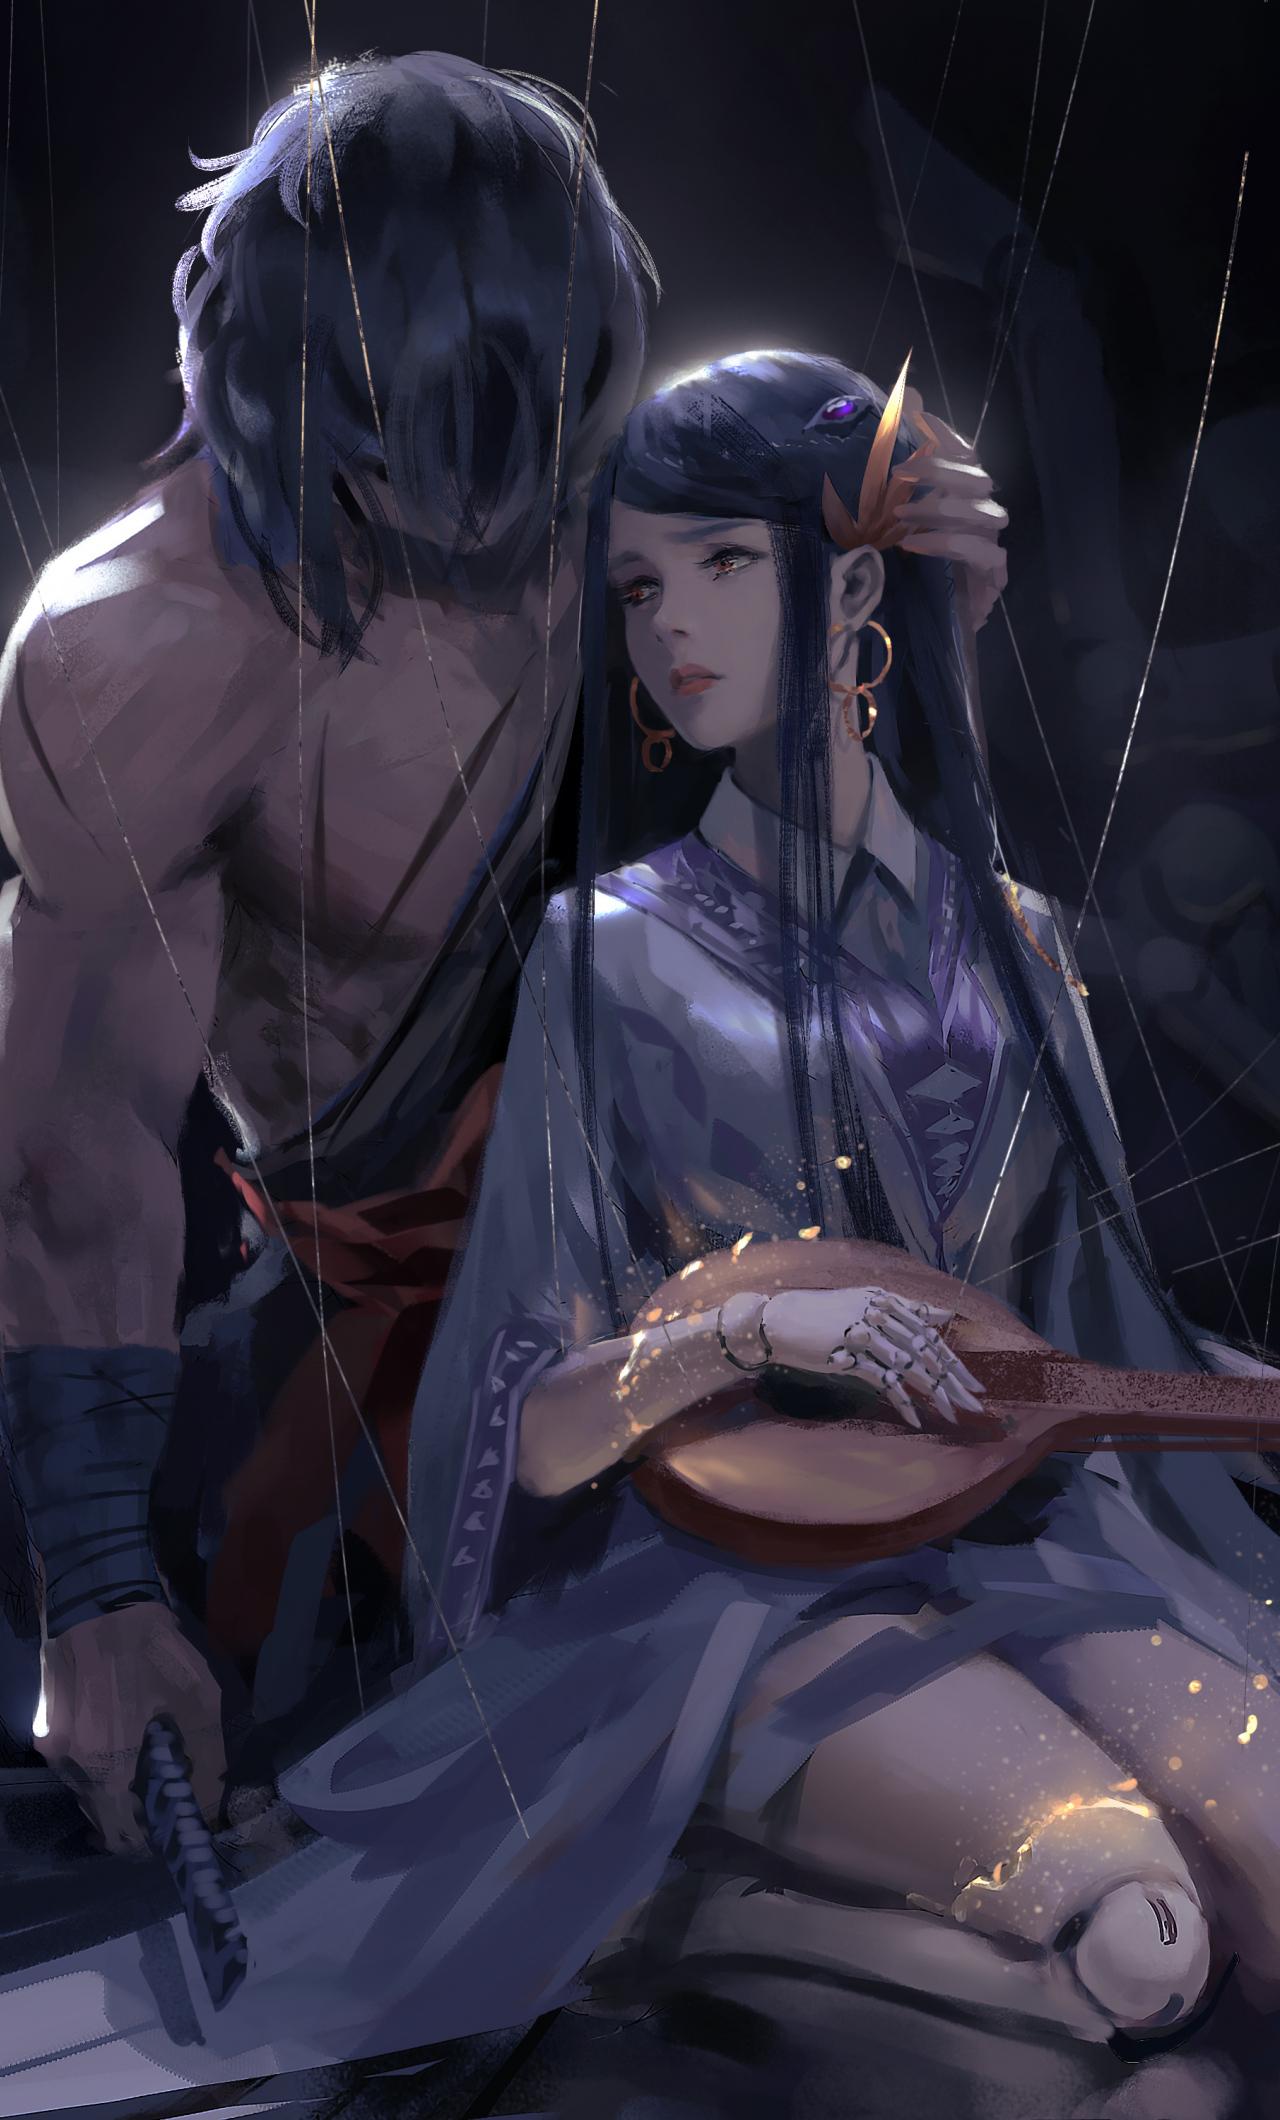 Fantasy Anime Girl Art , HD Wallpaper & Backgrounds